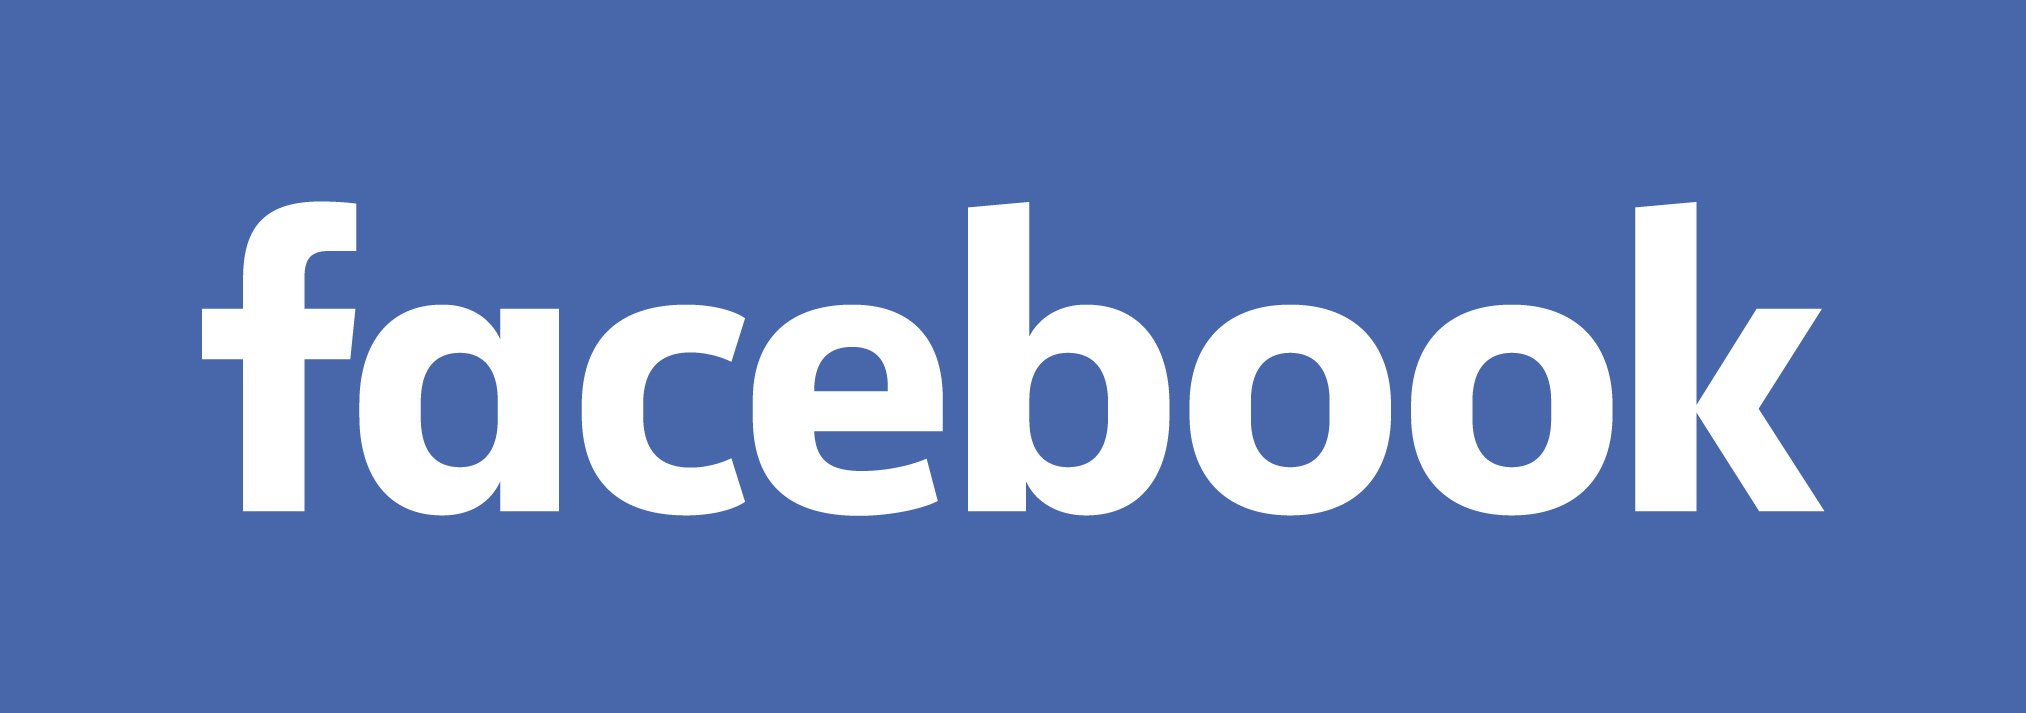 Facebook-06-2015-White-on-Blue.jpg